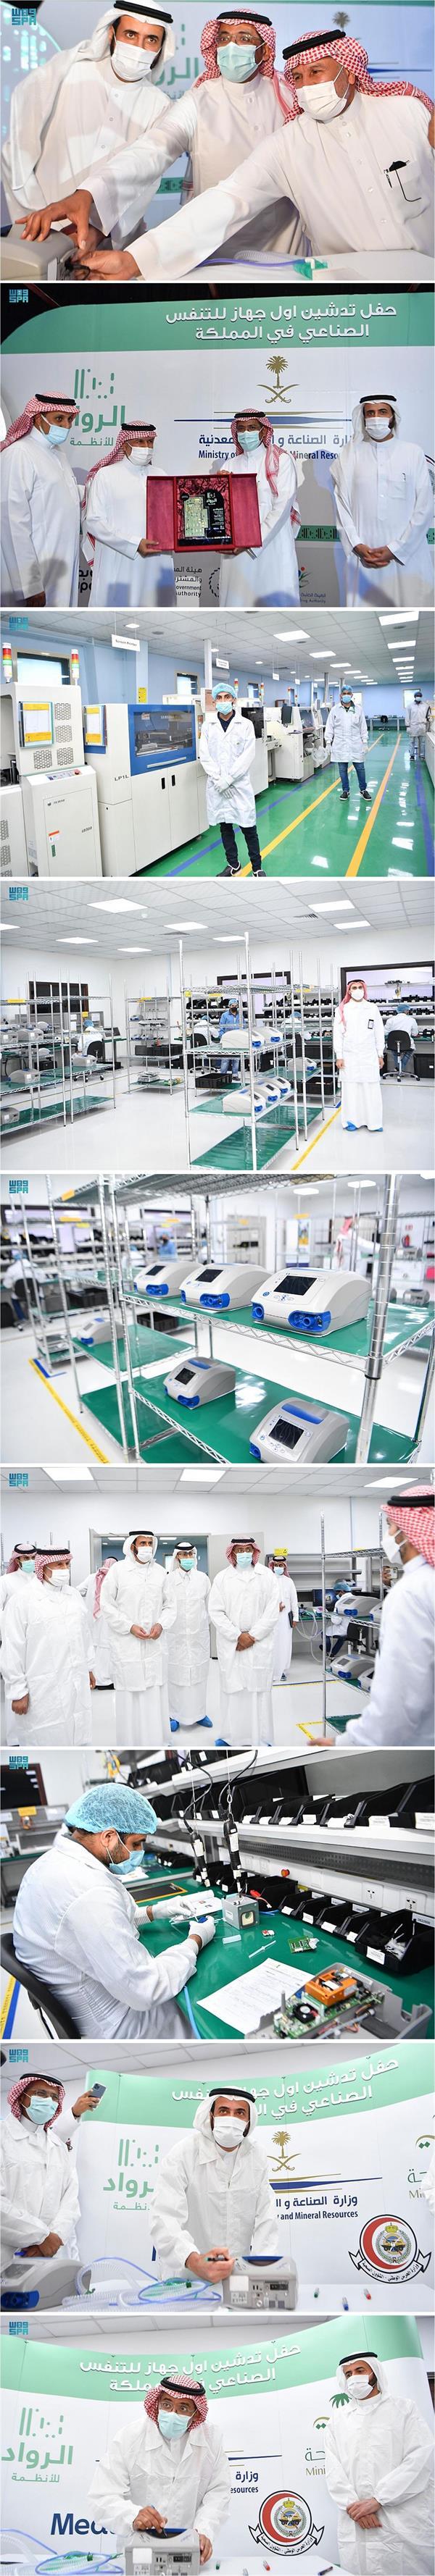 لحظة تدشين أول جهاز للتنفس الصناعي صُنع في السعودية ...